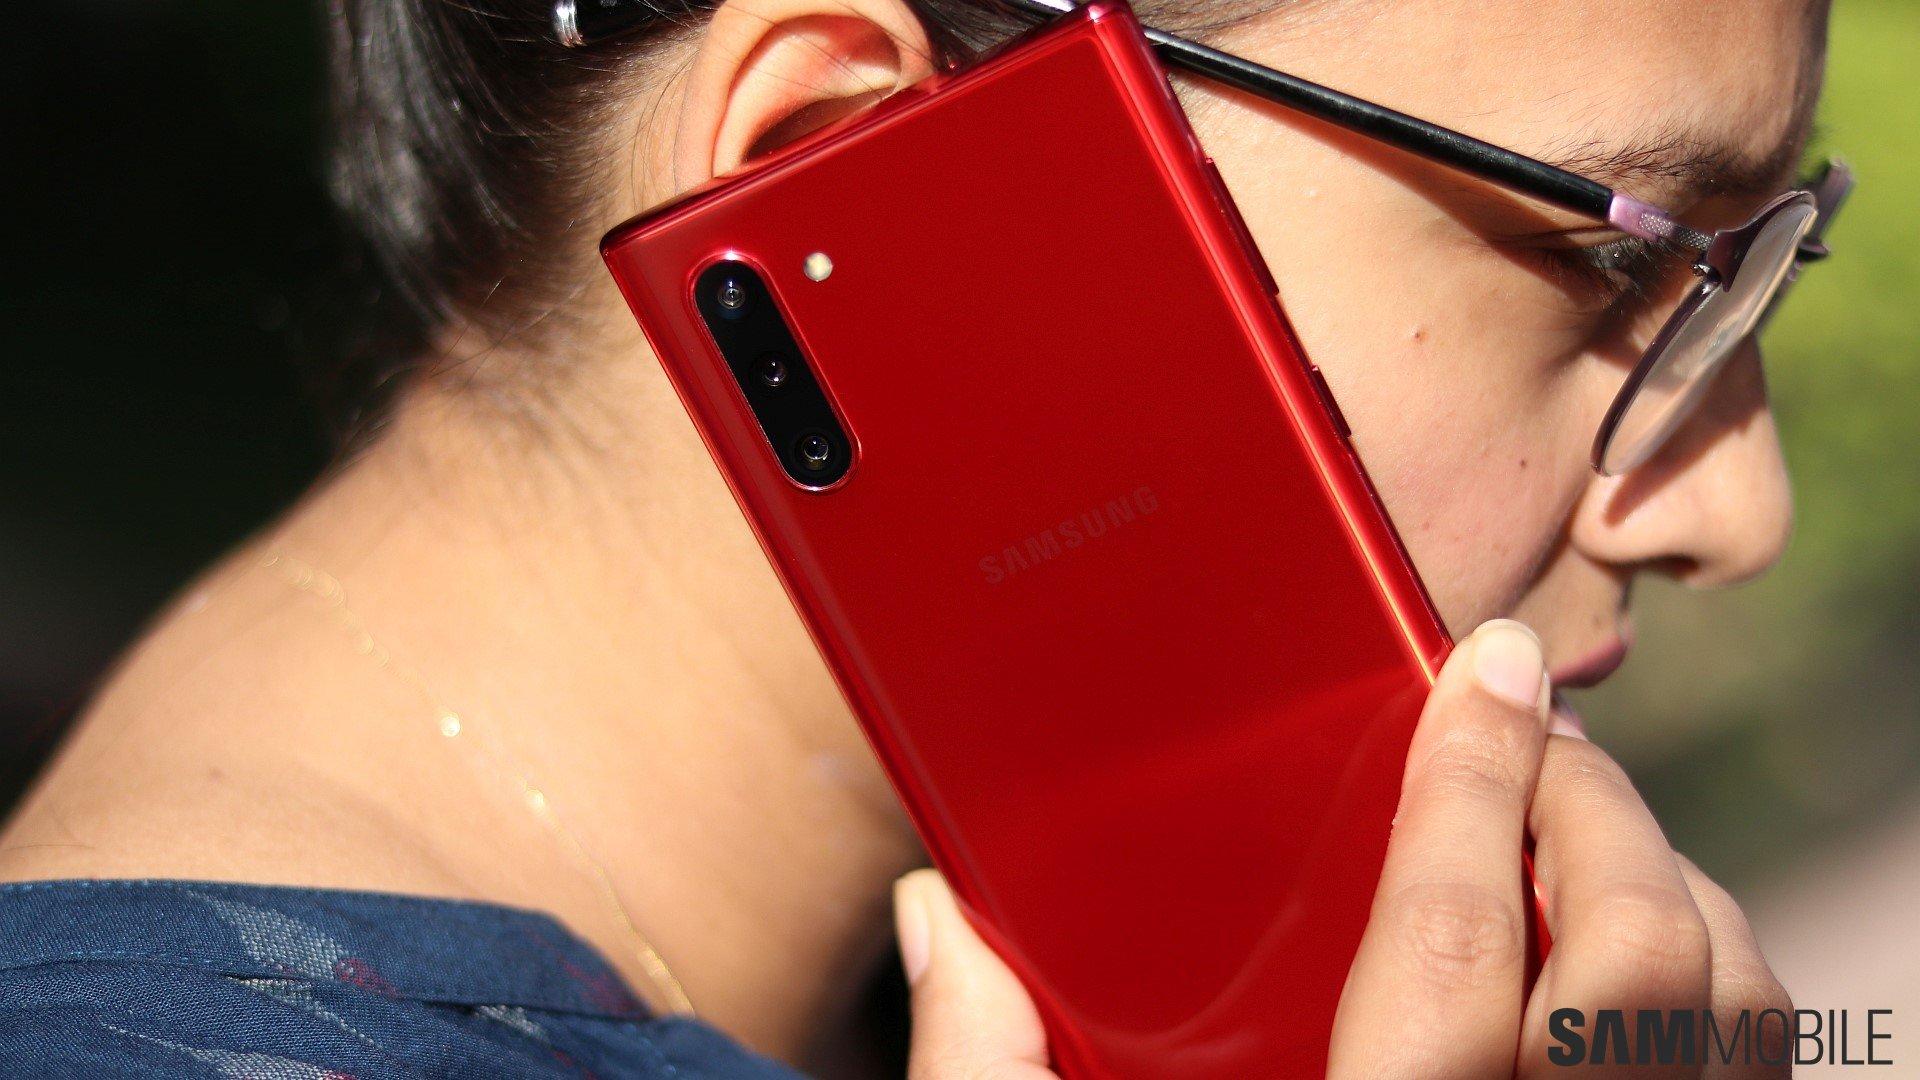 سامسونج Galaxy Note  10 مراجعة: مضغوط Note بالنسبة لأولئك الذين يريدون واحد 1